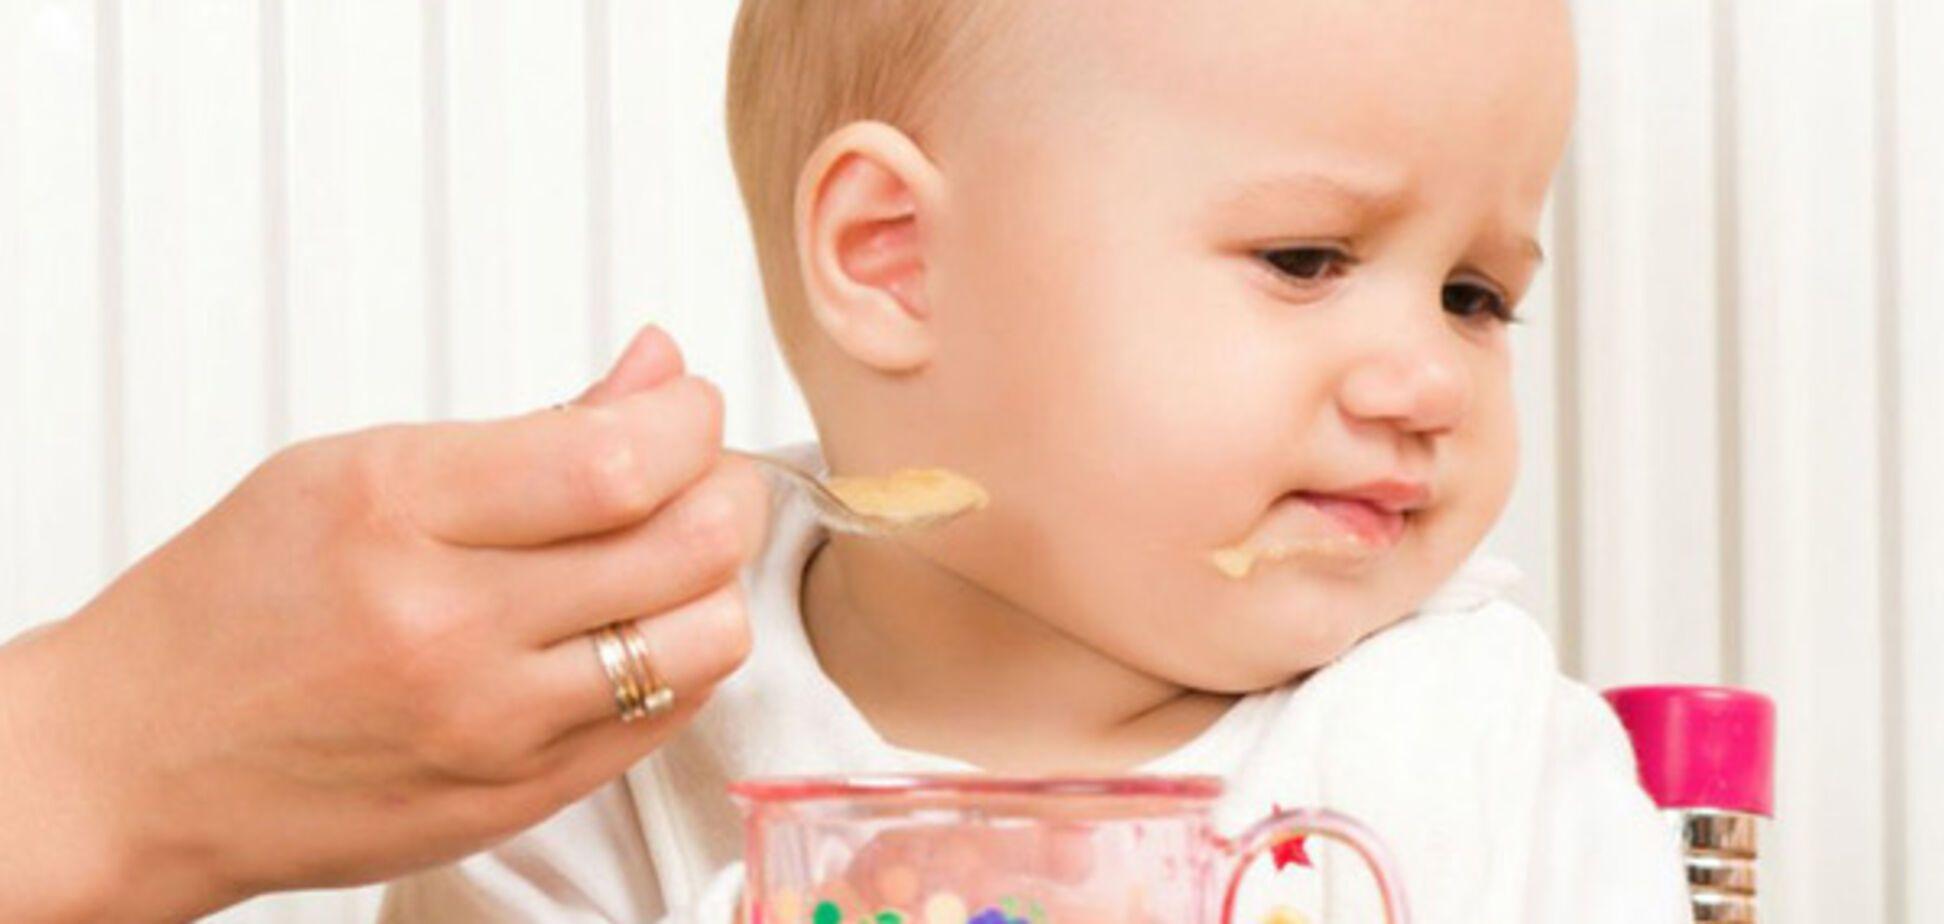 Страх недокормить? 4 причины, почему мы заставляем своих детей есть